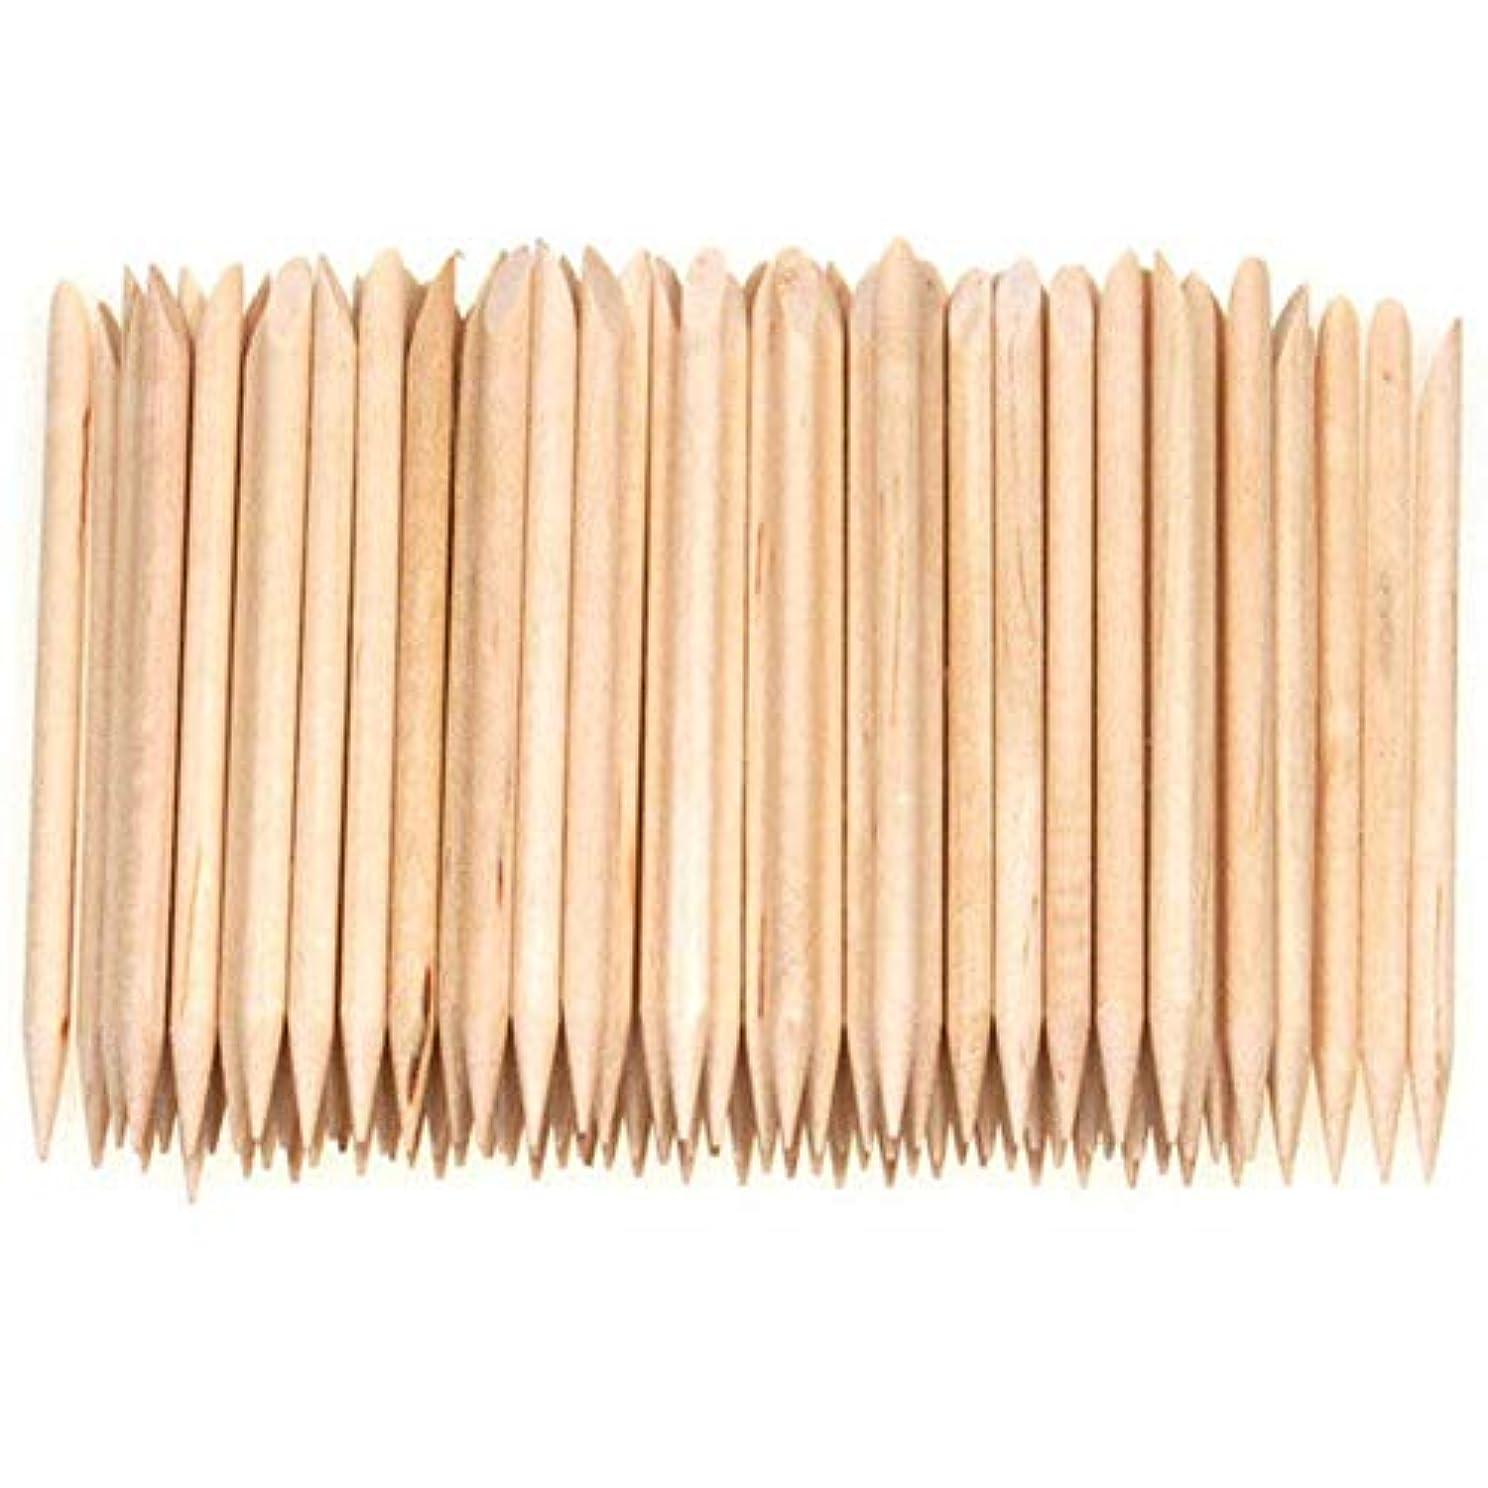 衛星政治家の増加するSemoic 100個ネイルアートデザイン木製の棒キューティクルプッシャーリムーバーマニキュアケア